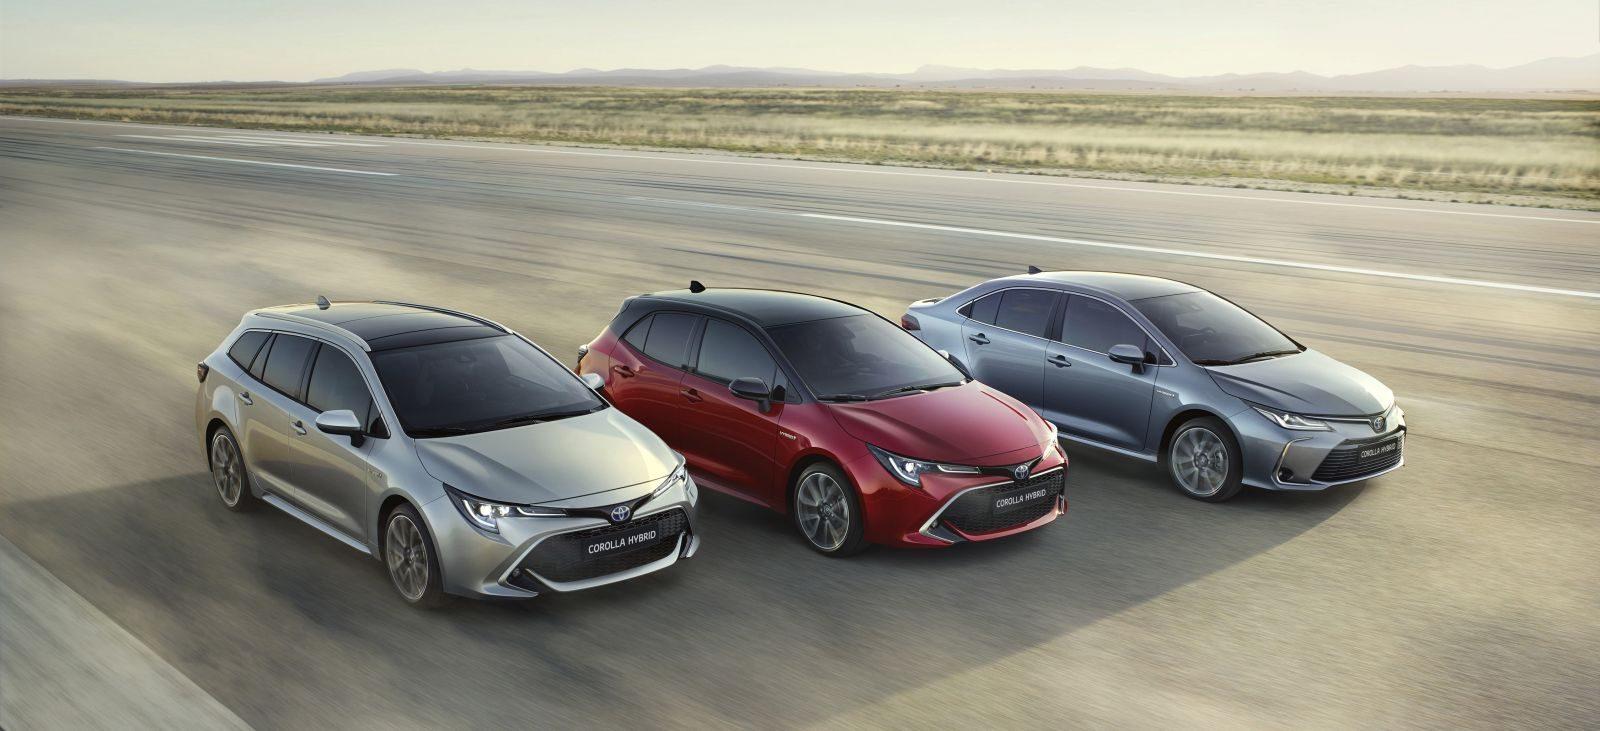 Toyota Corolla 2019 получила европейский ценник. Официально